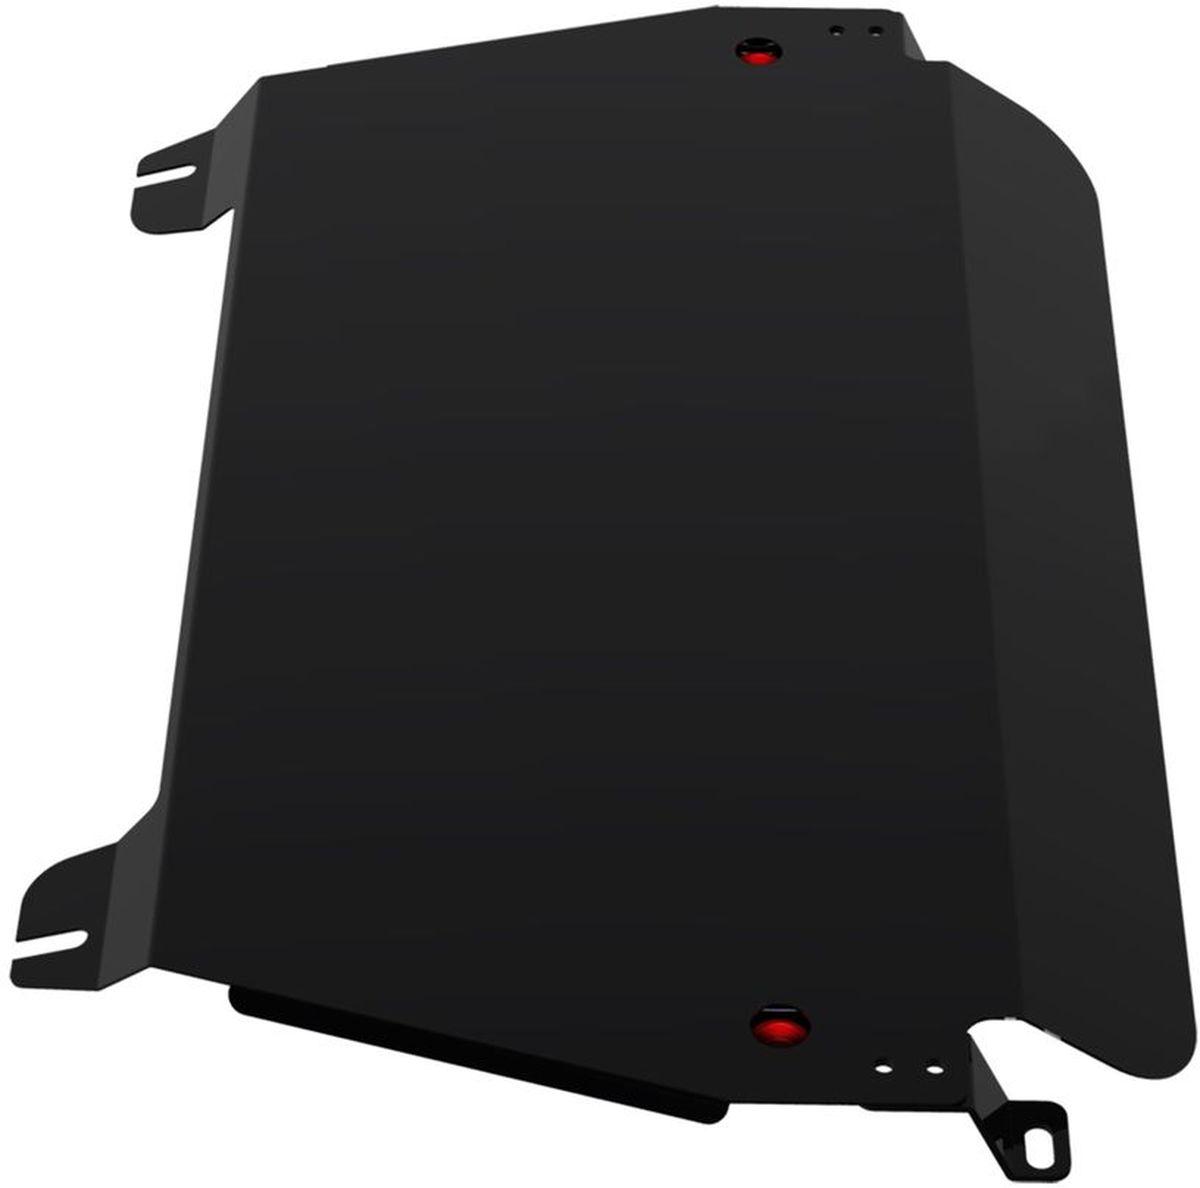 Защита картера и КПП Автоброня, для Lexus RX300/RX330/RX350/RX400/Toyota Highlander. 111.03203.1111.03203.1Технологически совершенный продукт за невысокую стоимость. Защита разработана с учетом особенностей днища автомобиля, что позволяет сохранить дорожный просвет с минимальным изменением. Защита устанавливается в штатные места кузова автомобиля. Глубокий штамп обеспечивает до двух раз больше жесткости в сравнении с обычной защитой той же толщины. Проштампованные ребра жесткости препятствуют деформации защиты при ударах. Тепловой зазор и вентиляционные отверстия обеспечивают сохранение температурного режима двигателя в норме. Скрытый крепеж предотвращает срыв крепежных элементов при наезде на препятствие. Шумопоглощающие резиновые элементы обеспечивают комфортную езду без вибраций и скрежета металла, а съемные лючки для слива масла и замены фильтра - экономию средств и время. Конструкция изделия не влияет на пассивную безопасность автомобиля (при ударе защита не воздействует на деформационные зоны кузова). Со штатным крепежом. В комплекте инструкция по...